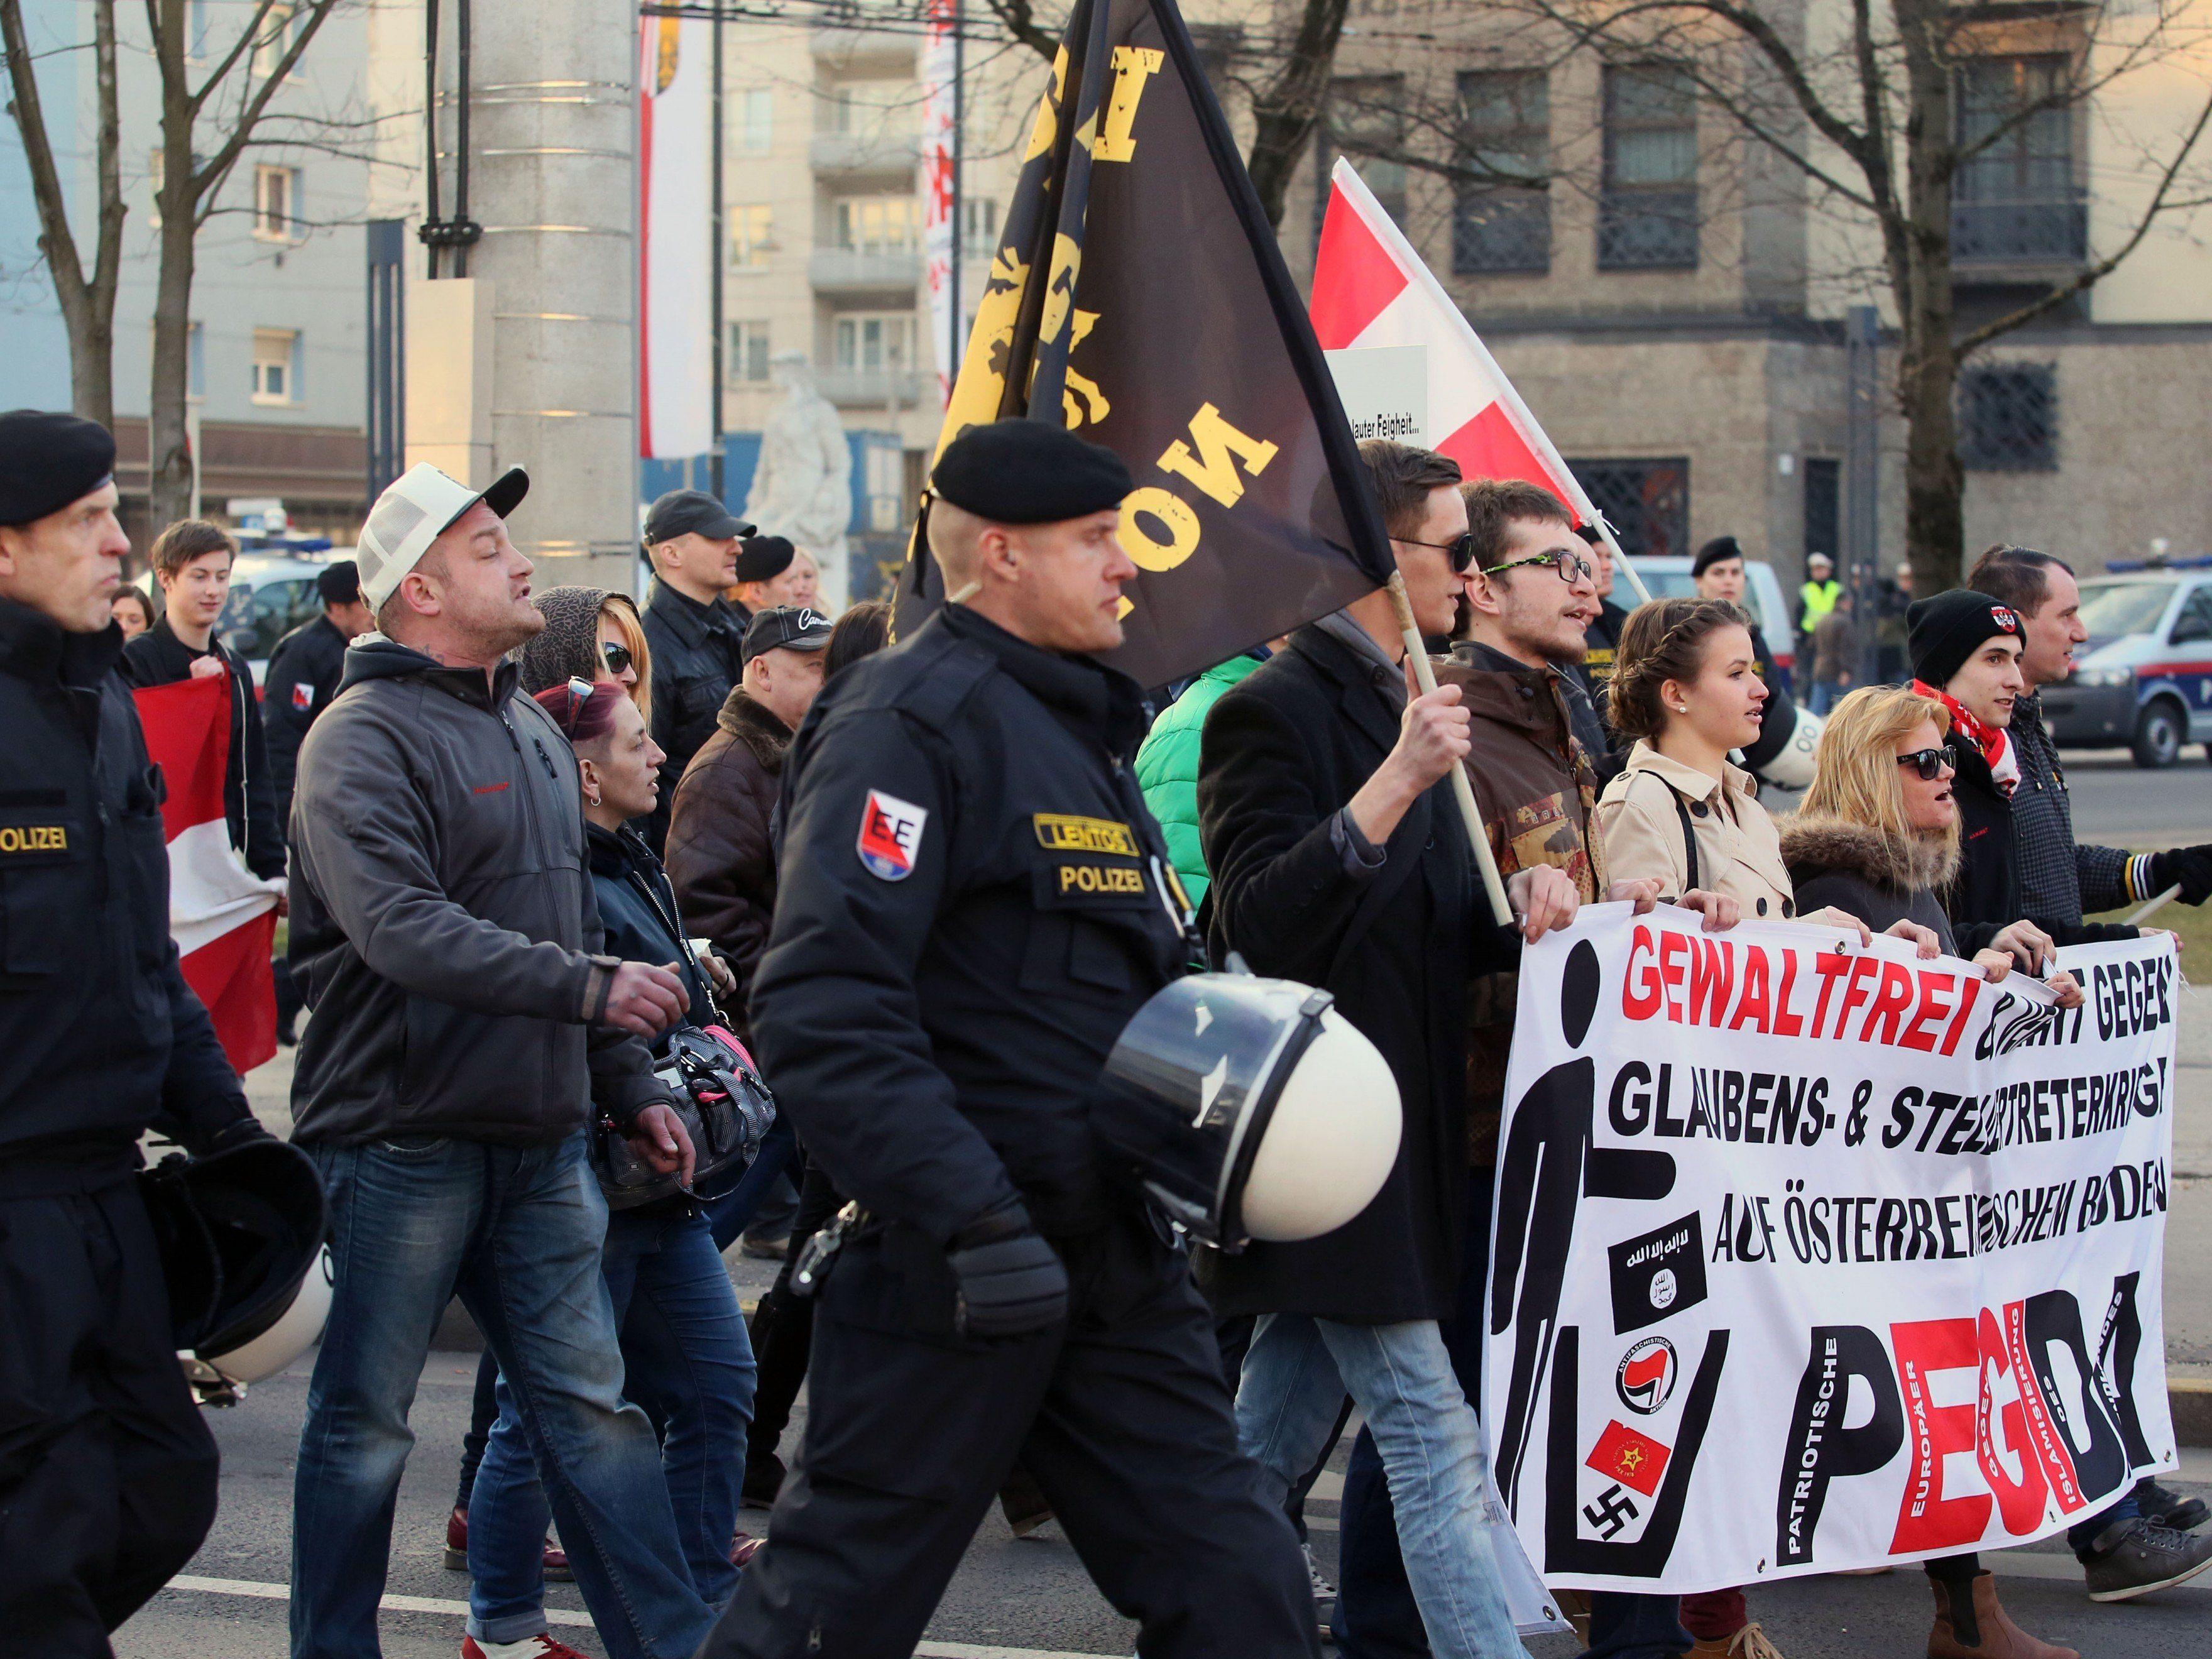 Am Samstag fand die zweite Pegida-Kundgebung in Linz statt.